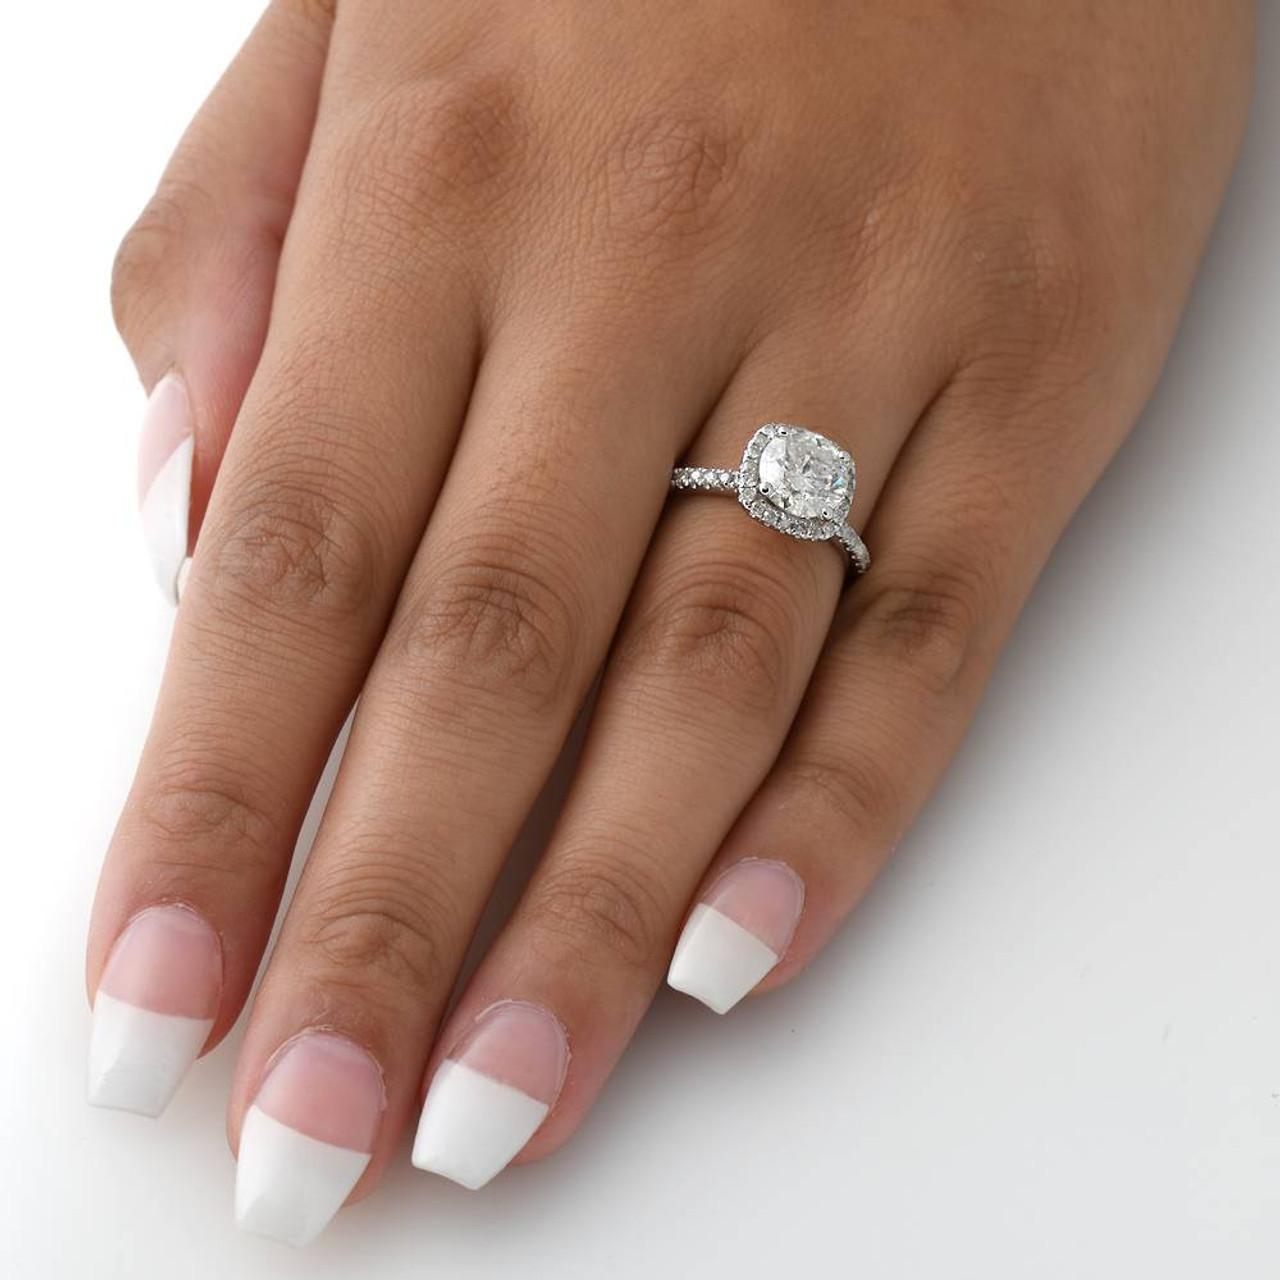 Sweet Carat Cushion Halo Diamond Engagement Ring G Cushion Halo Diamond Ring Cushion Cut Ring 2 Carat Diamond Ring Worth 2 Carat Diamond Ring Ebay wedding rings 2 Carat Diamond Ring